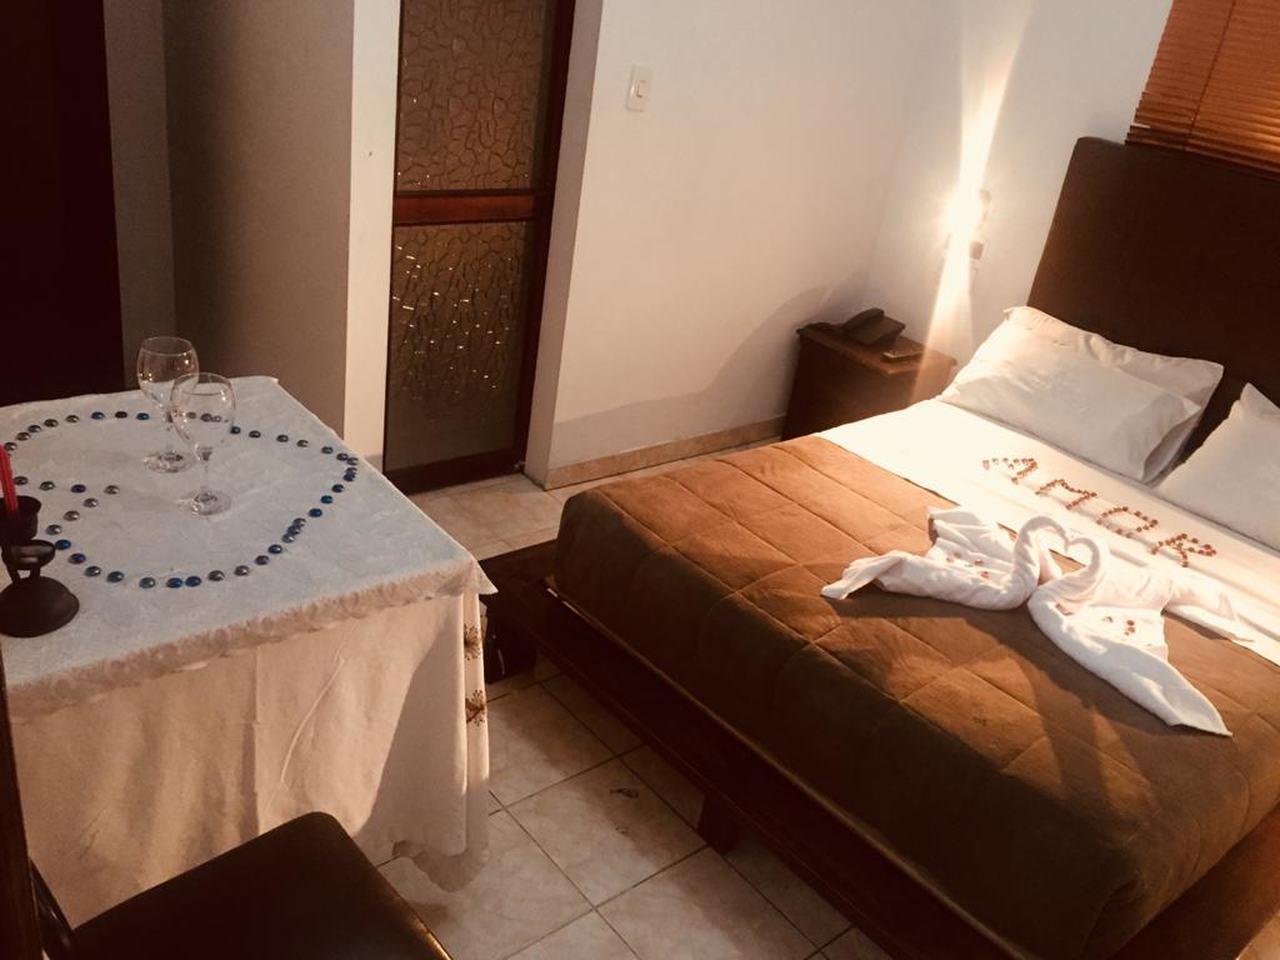 Eloina Hotel en Teusaquillo : MotelNow